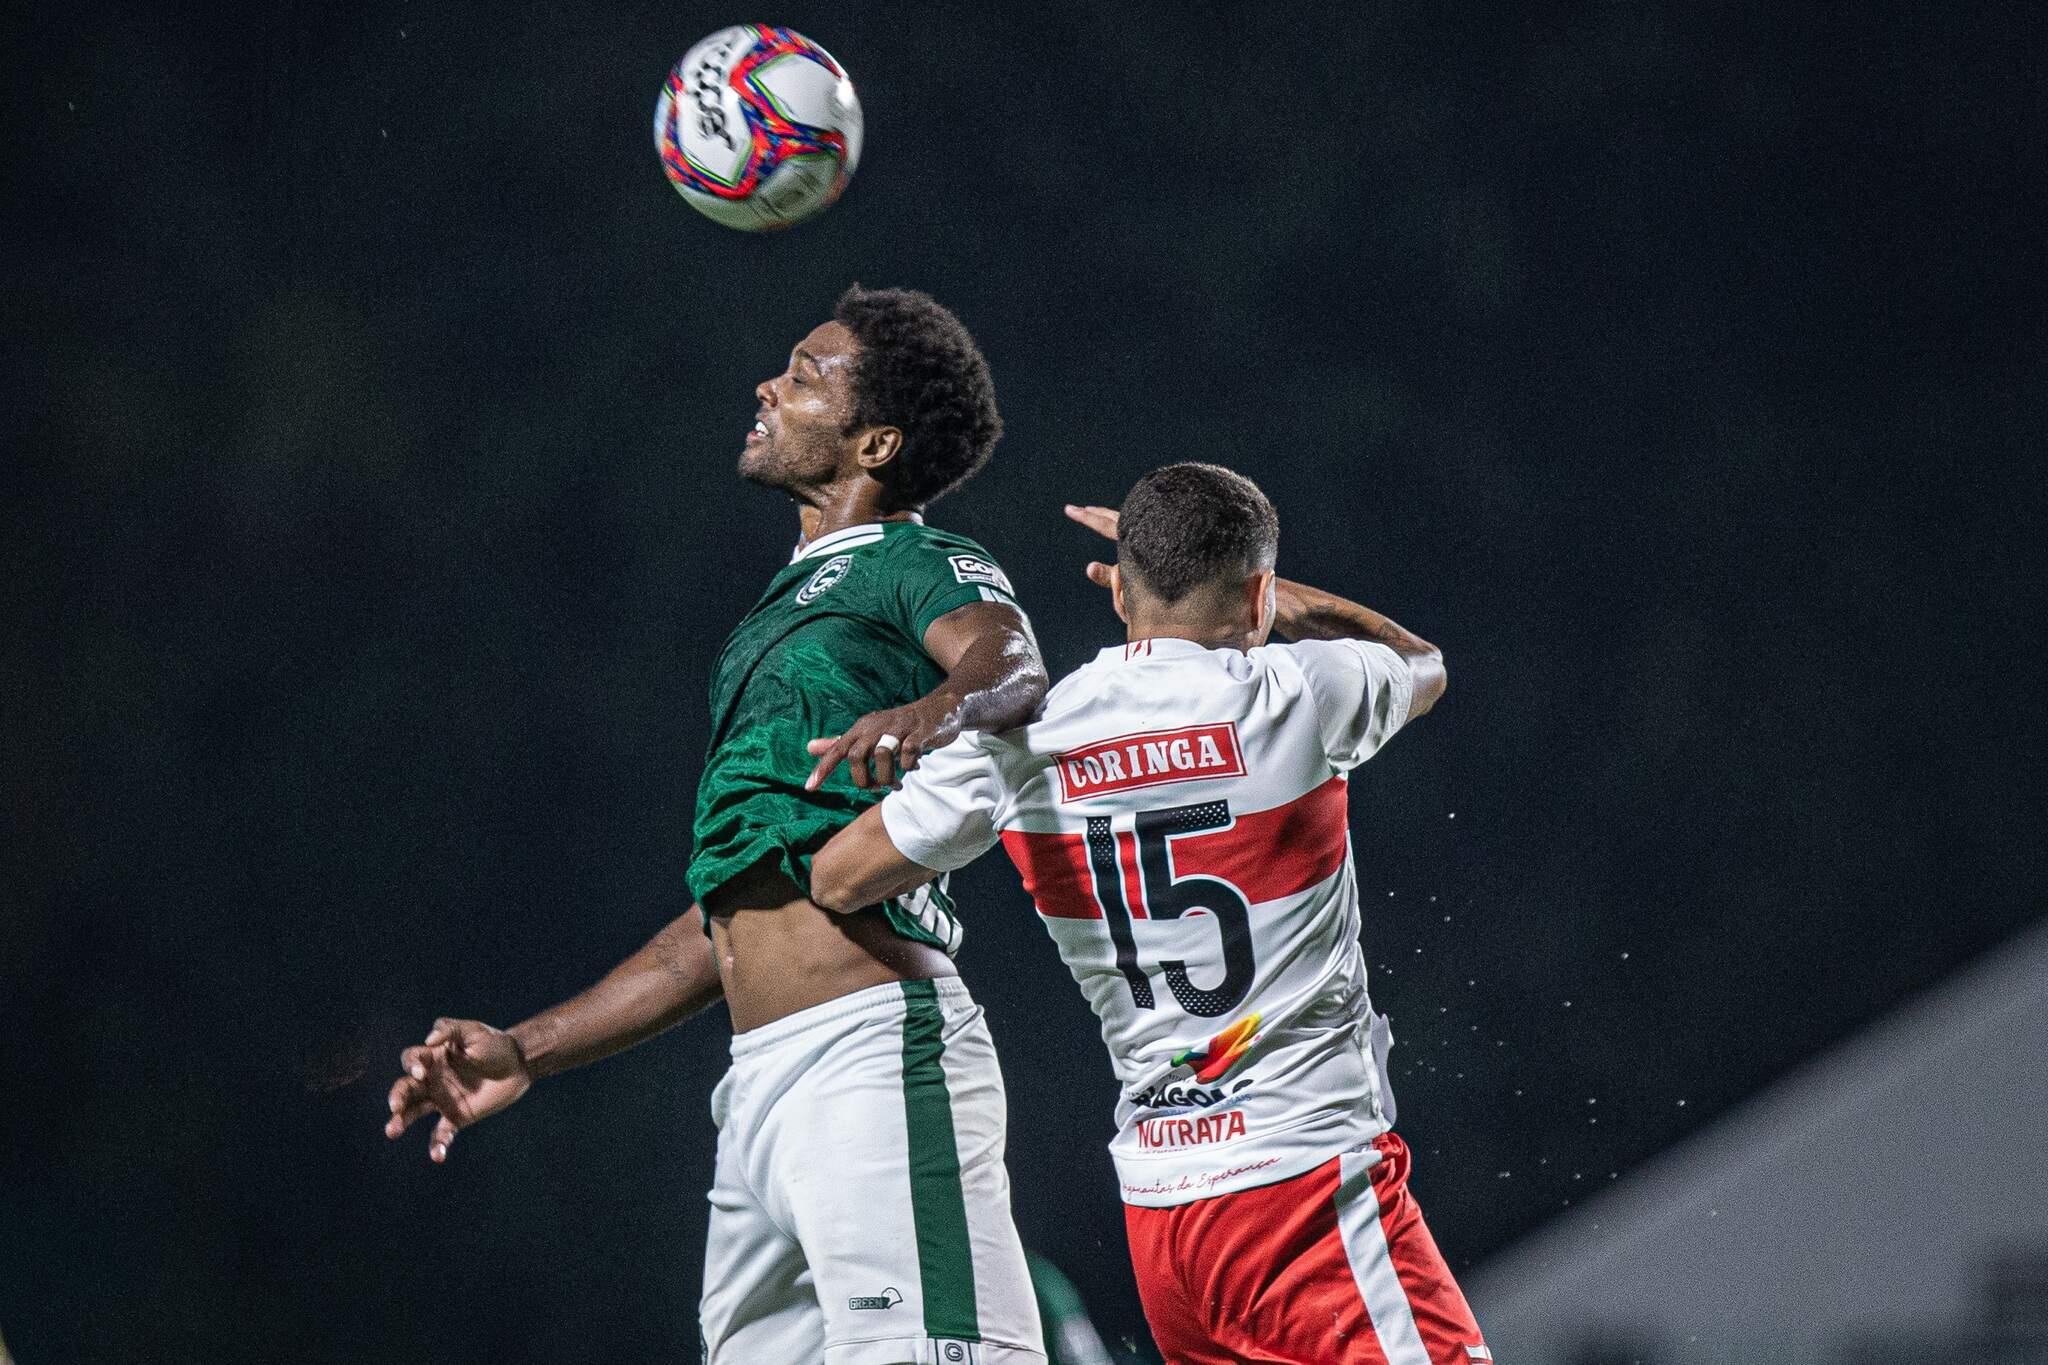 Bruno Mezenga jogador do Goiás disputa lance com Alexandre jogador do CRB durante partida no estádio Serrinha pelo campeonato Brasileiro B 2021. (Foto: Estadão Conteúdo)